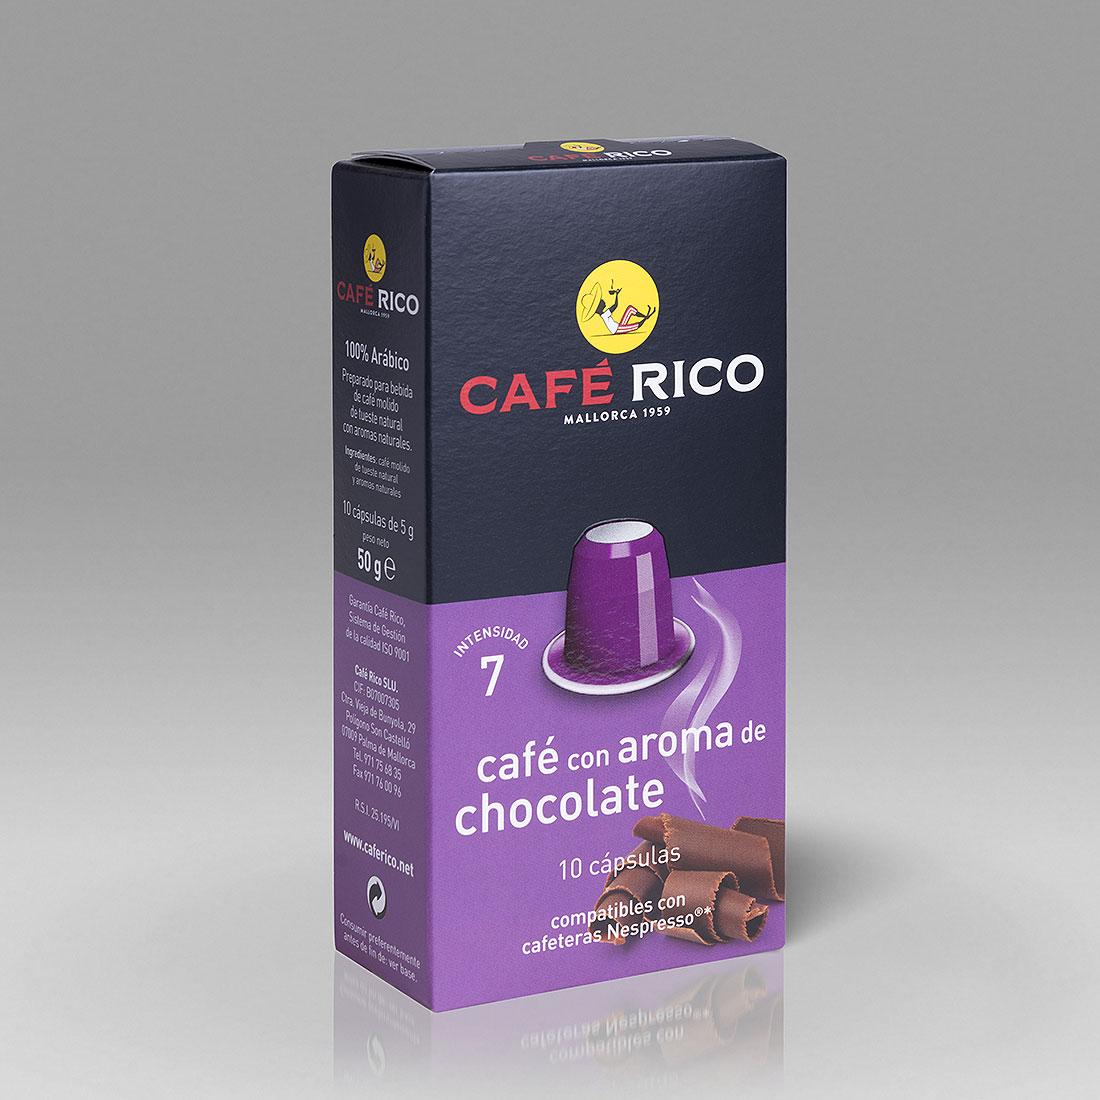 Cafe-Rico-Capsulas-aroma-Chocolate